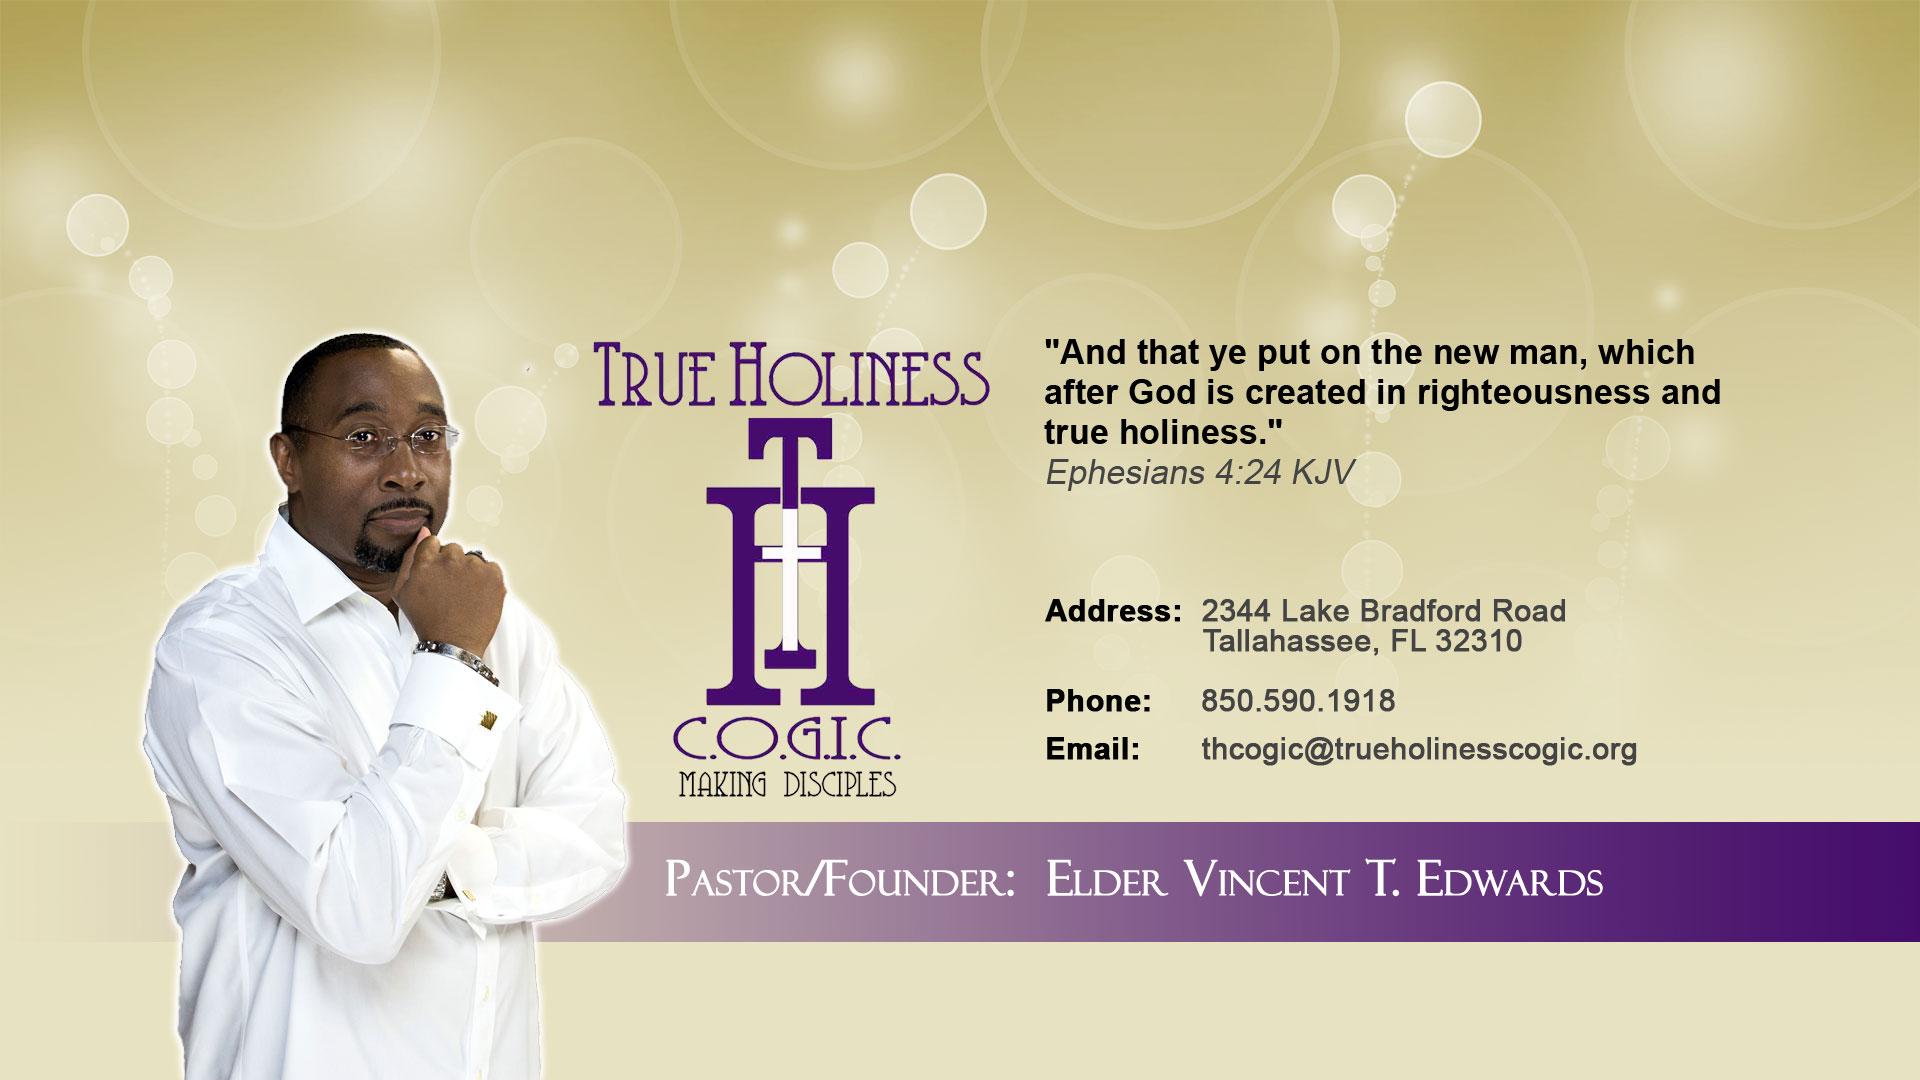 Elder Vincent T. Edwards